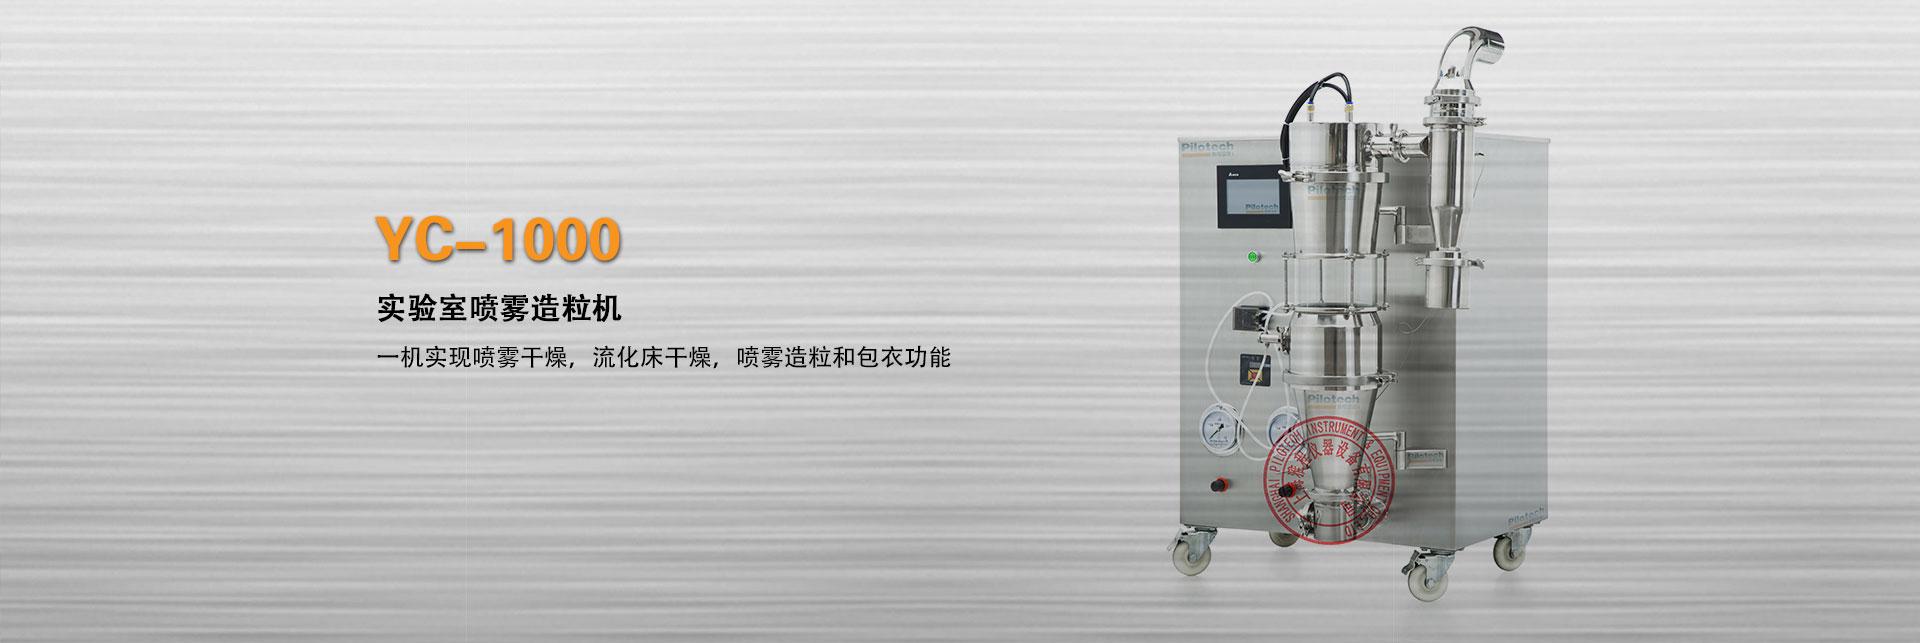 上海雅程实验室喷雾造粒机